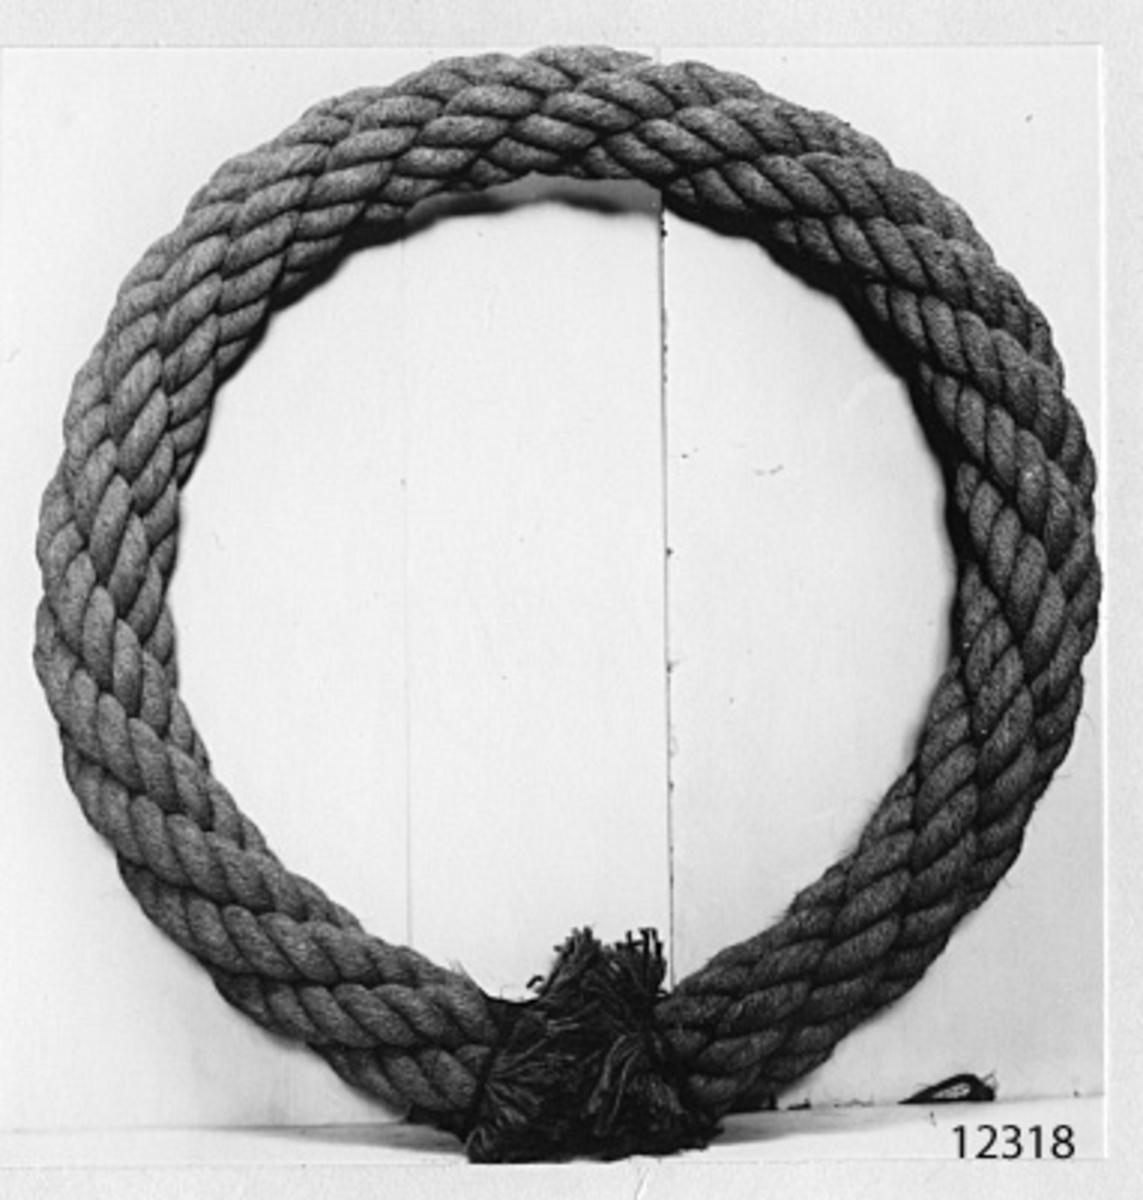 Kabel, 4-slagen, av kokos. Från 1900-talet.